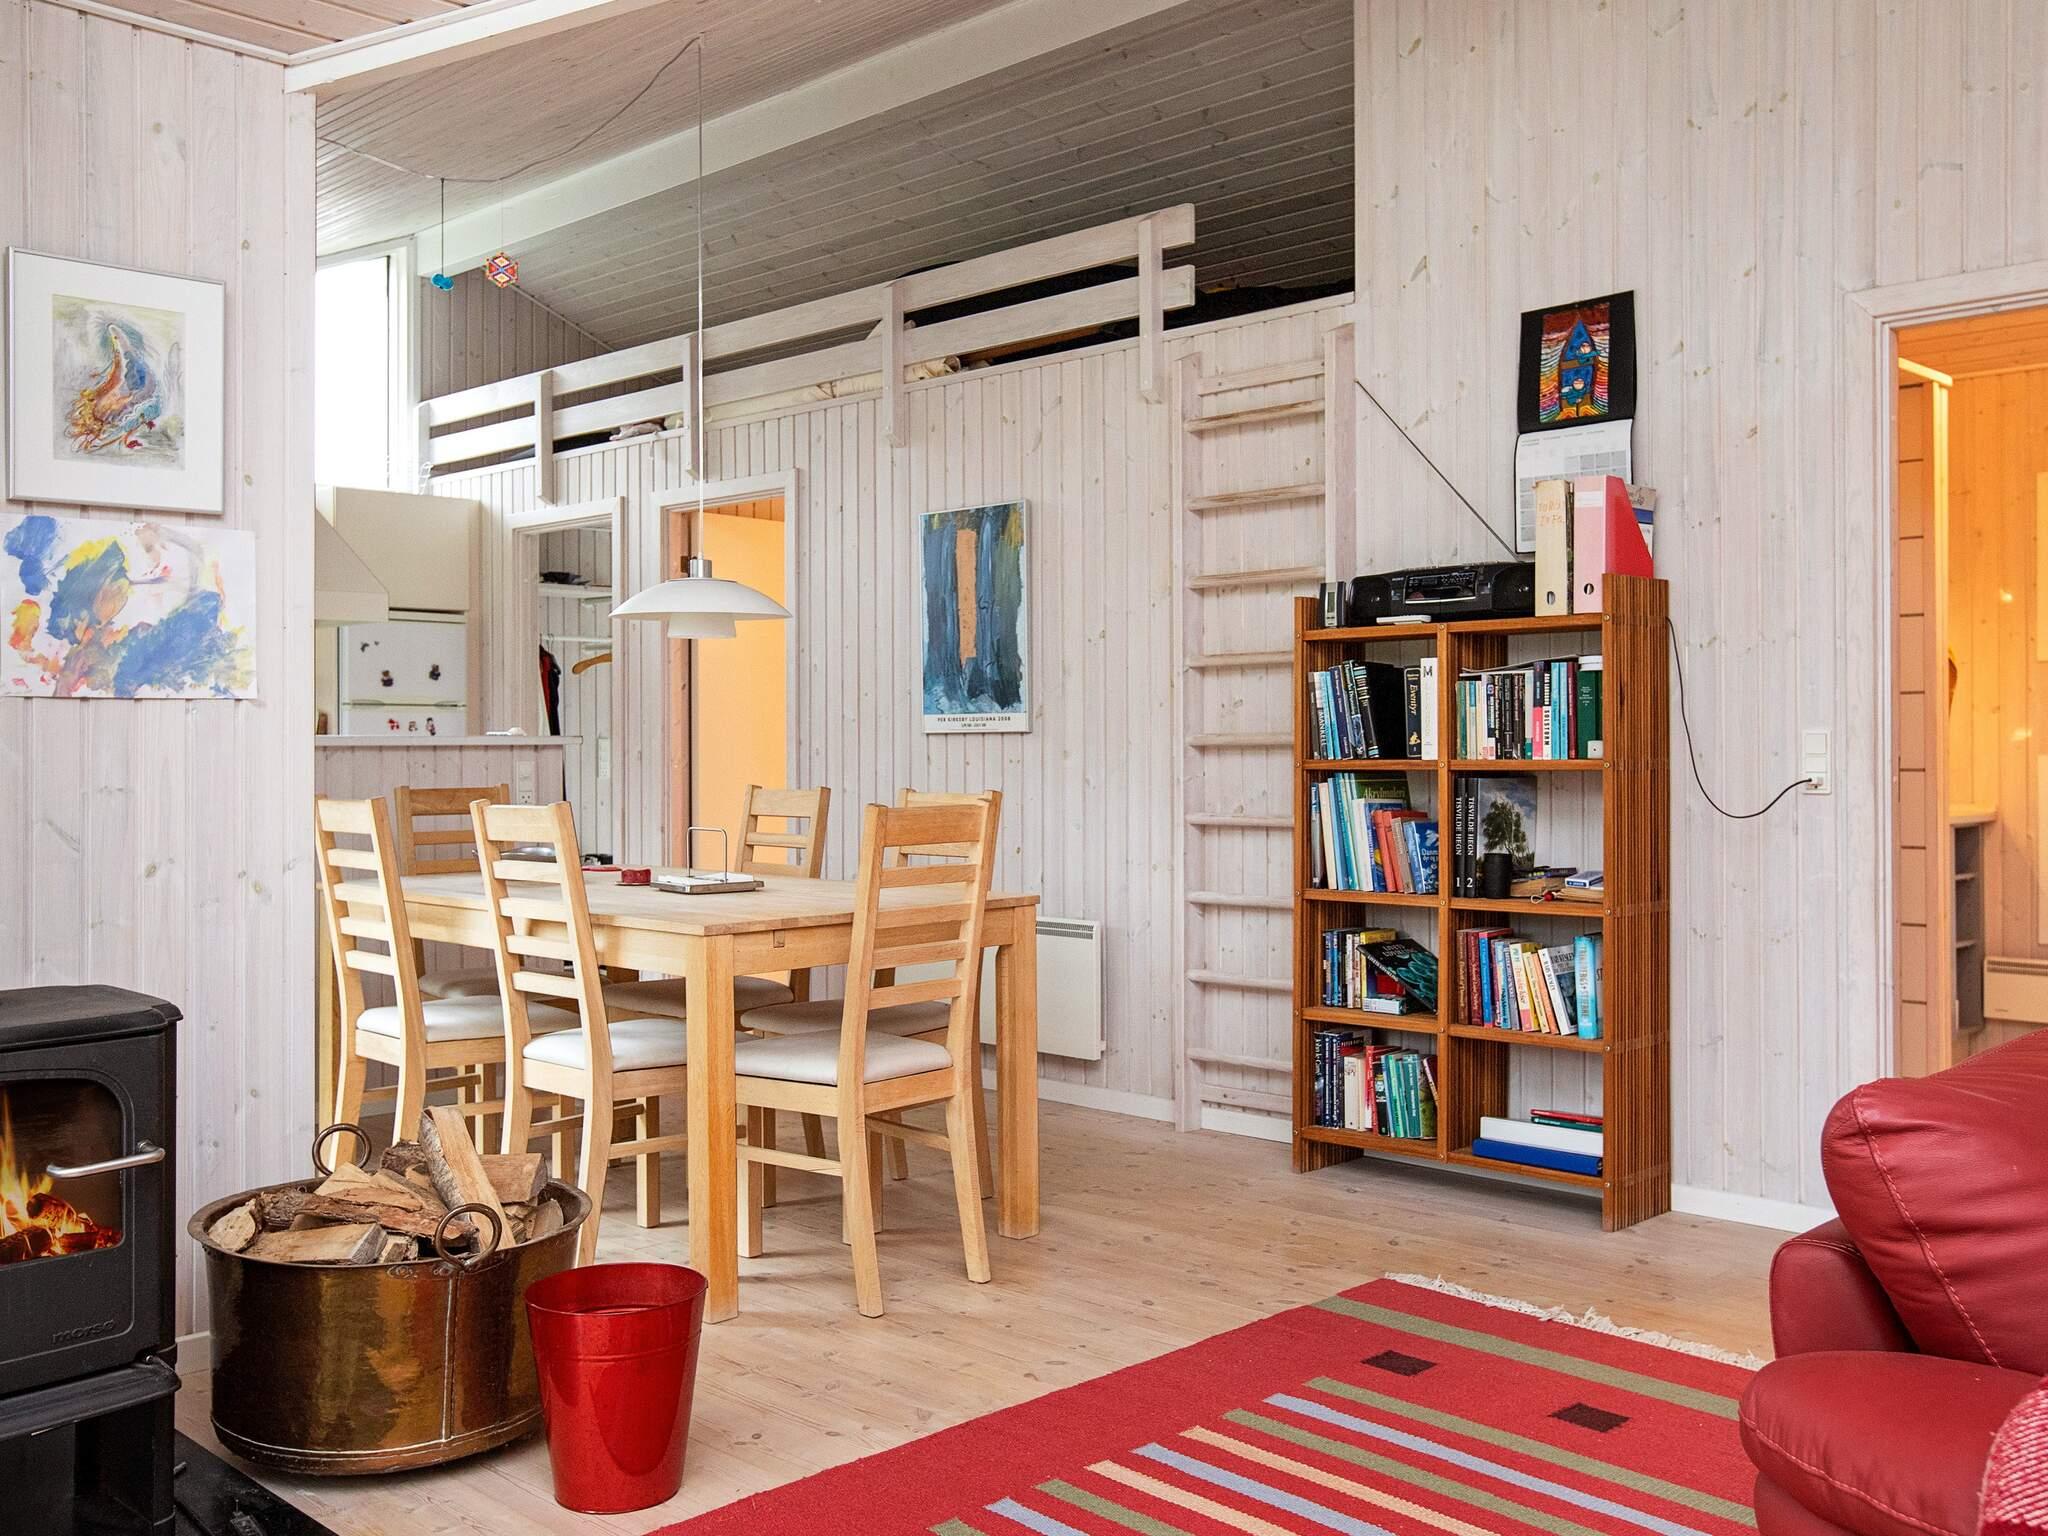 Ferienhaus Vejby (2701529), Vejby, , Nordseeland, Dänemark, Bild 7